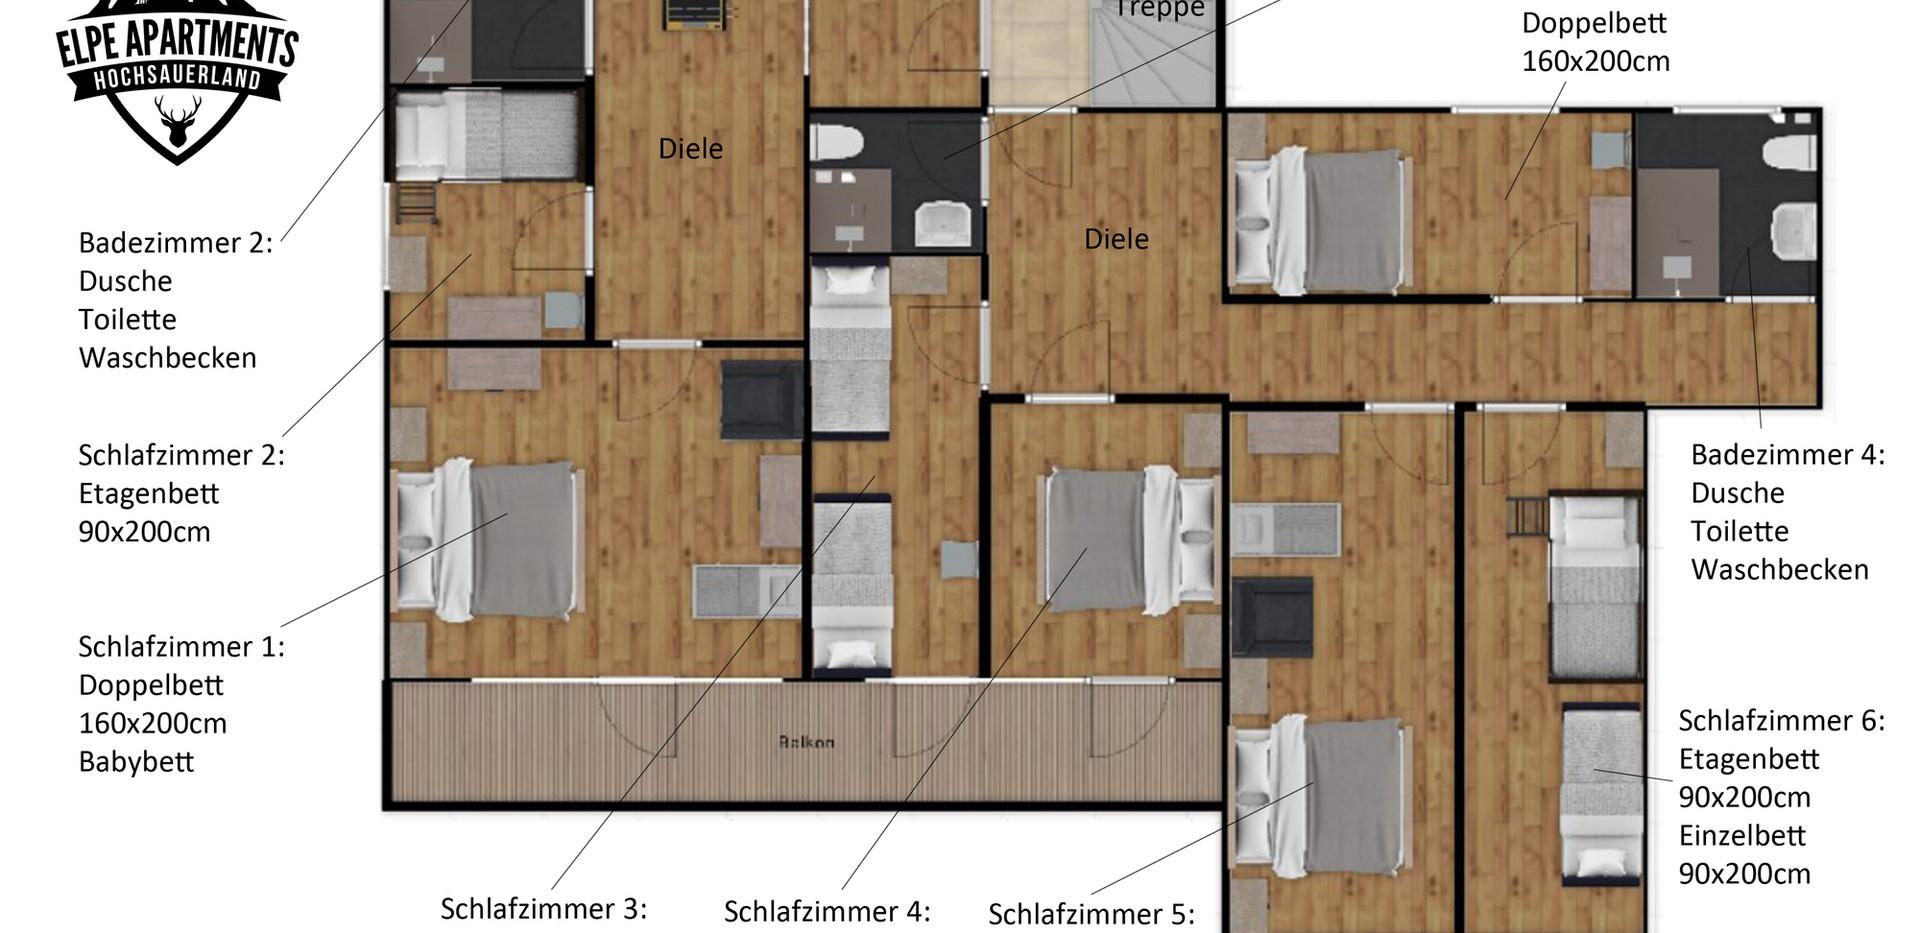 Plattegrond 1e etage met voordeur